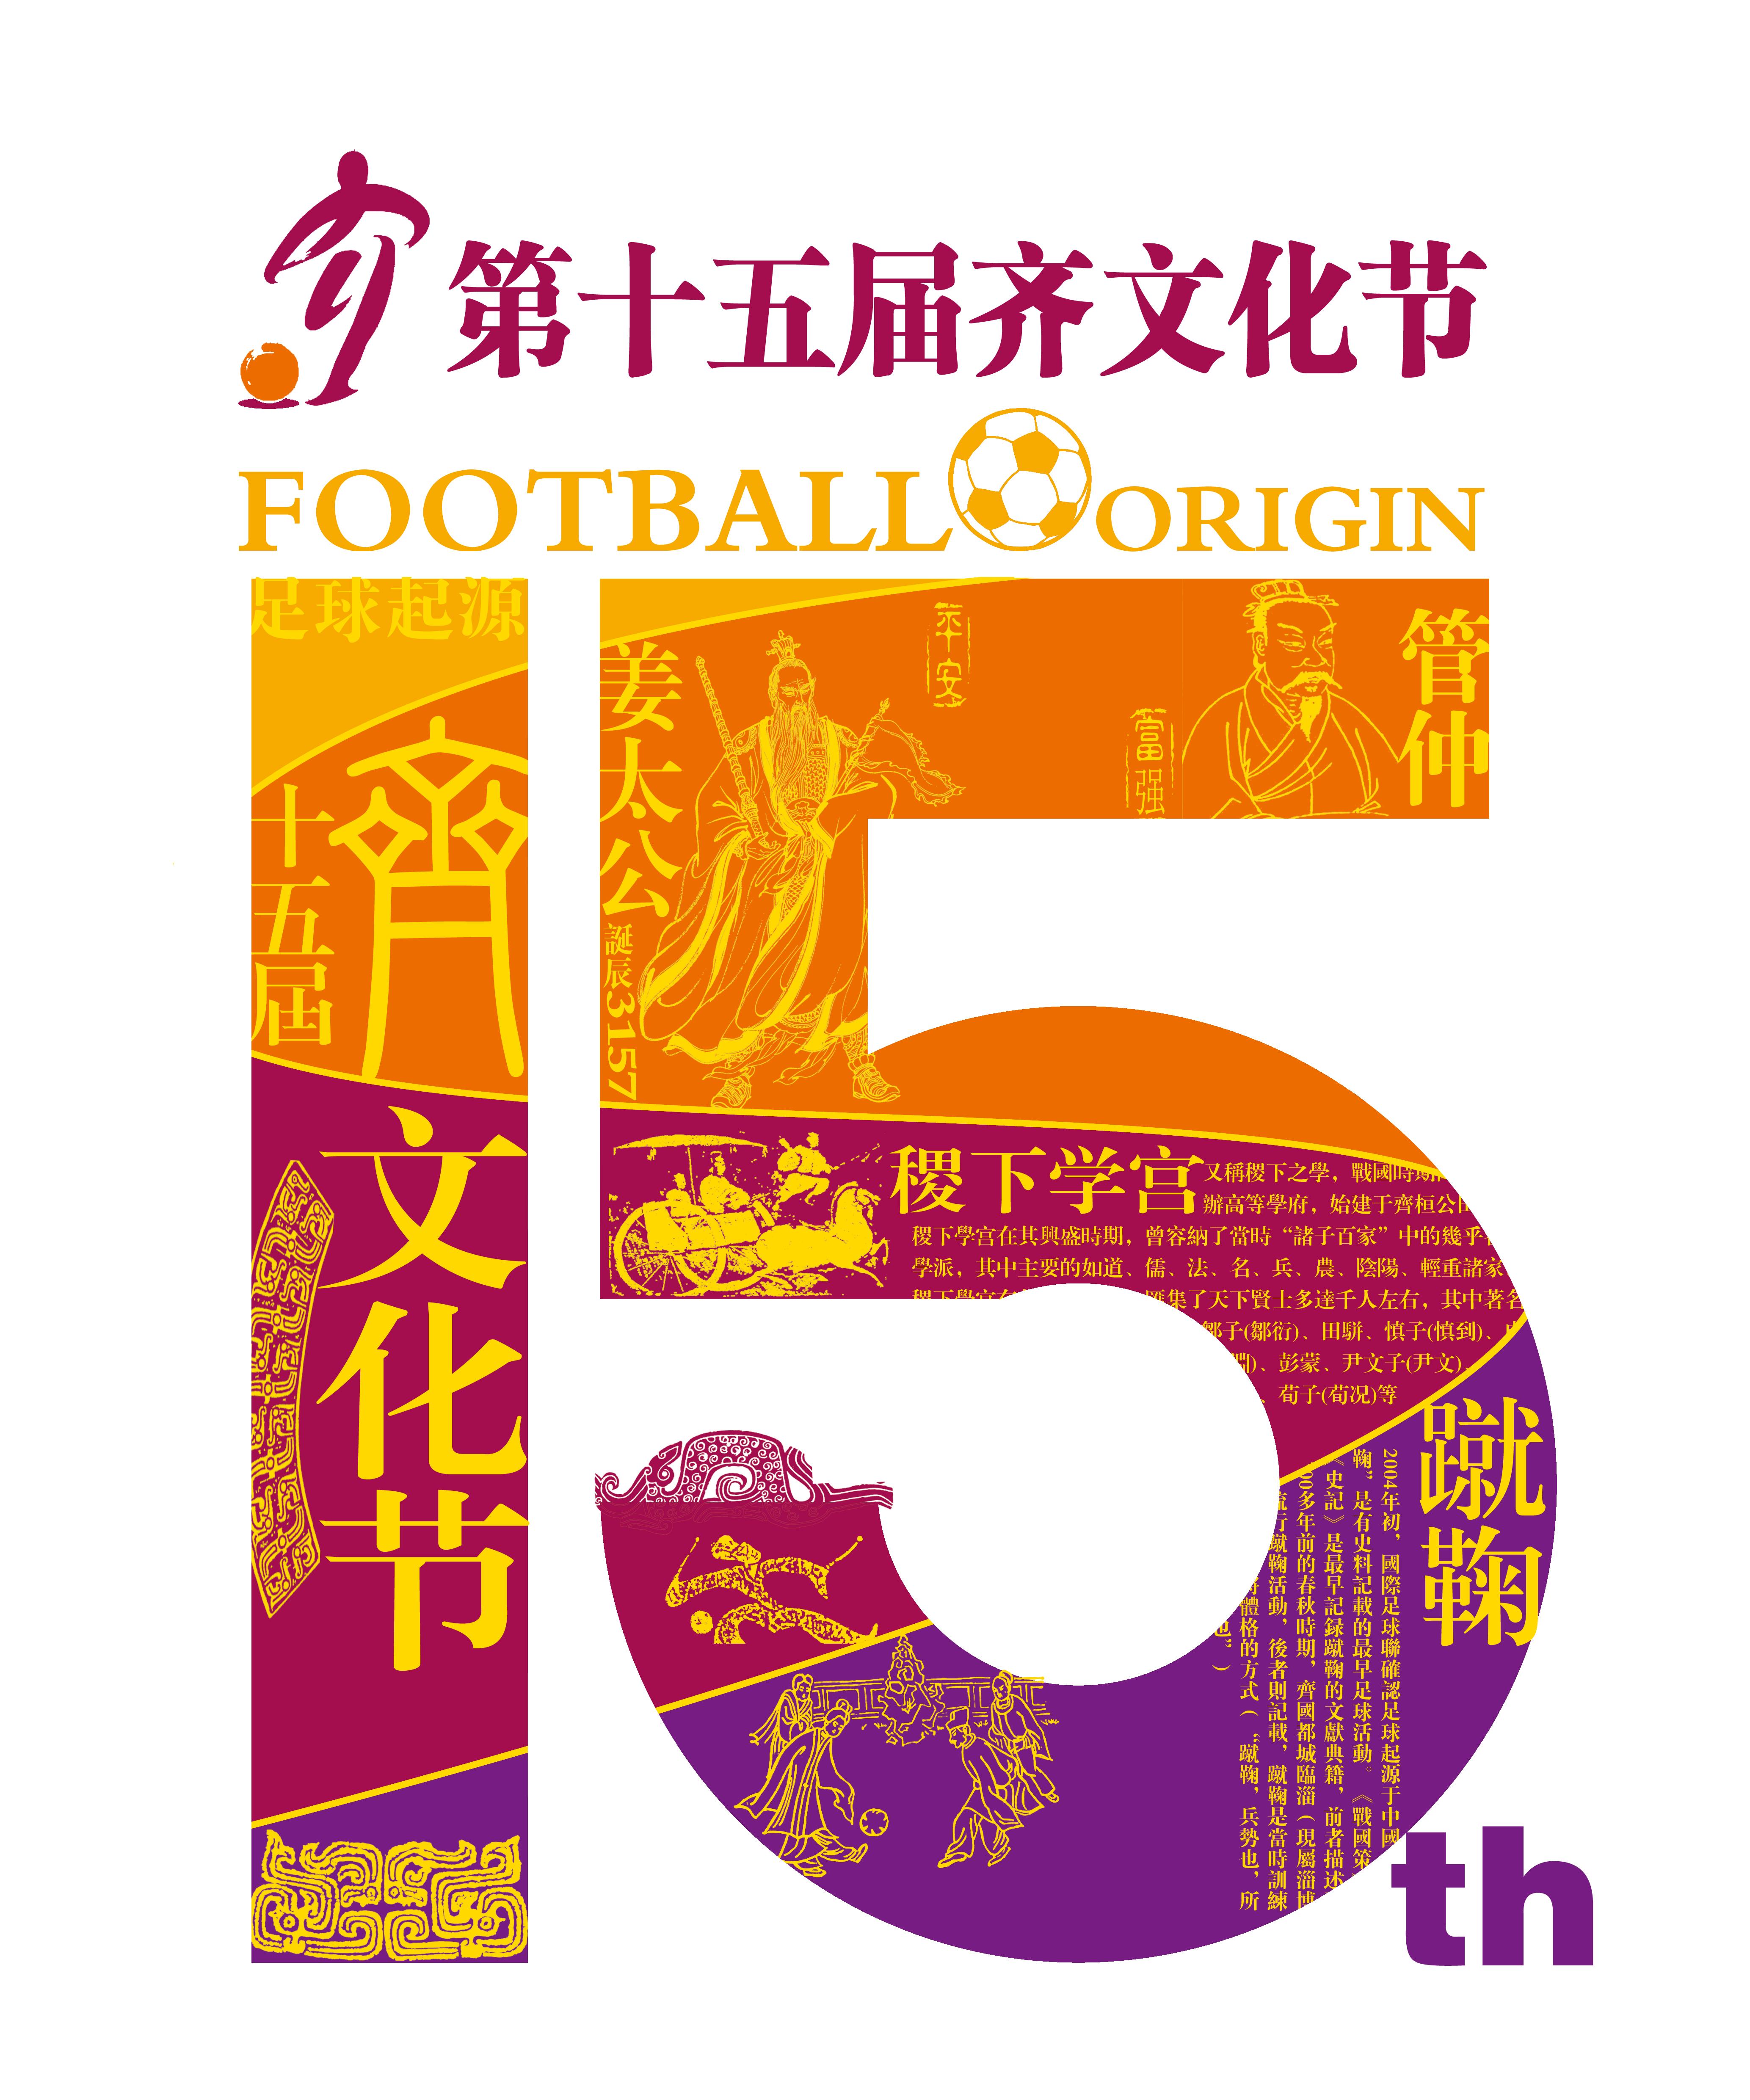 泱泱齐风——第十五届齐文化节新闻发布会在济举行